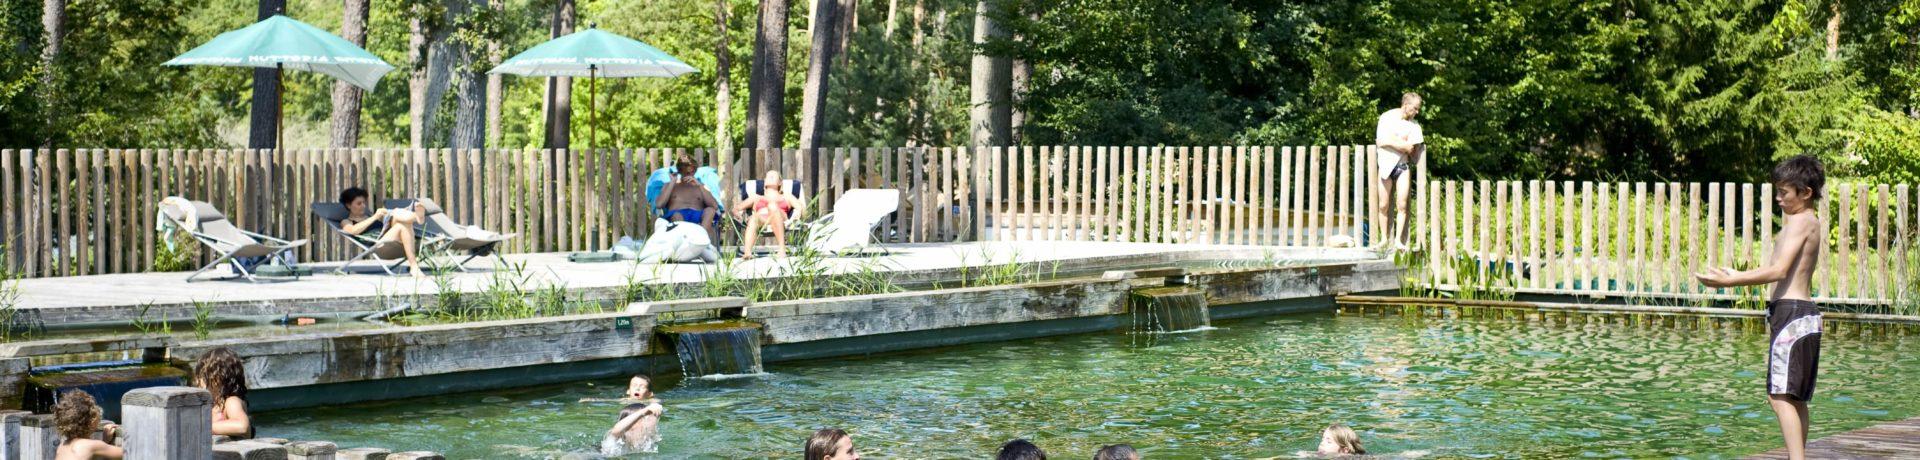 Camping Huttopia Rambouillet in Rambouillet is een natuurcamping in Île-de-France gelegen aan een meer midden in de Yvelines dichtbij Parijs.